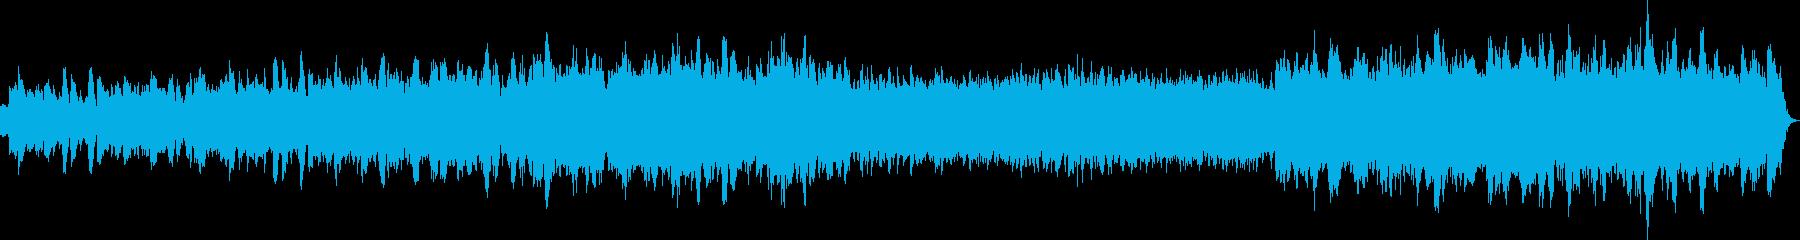 幻想的でバロック調のハープシコードの曲の再生済みの波形